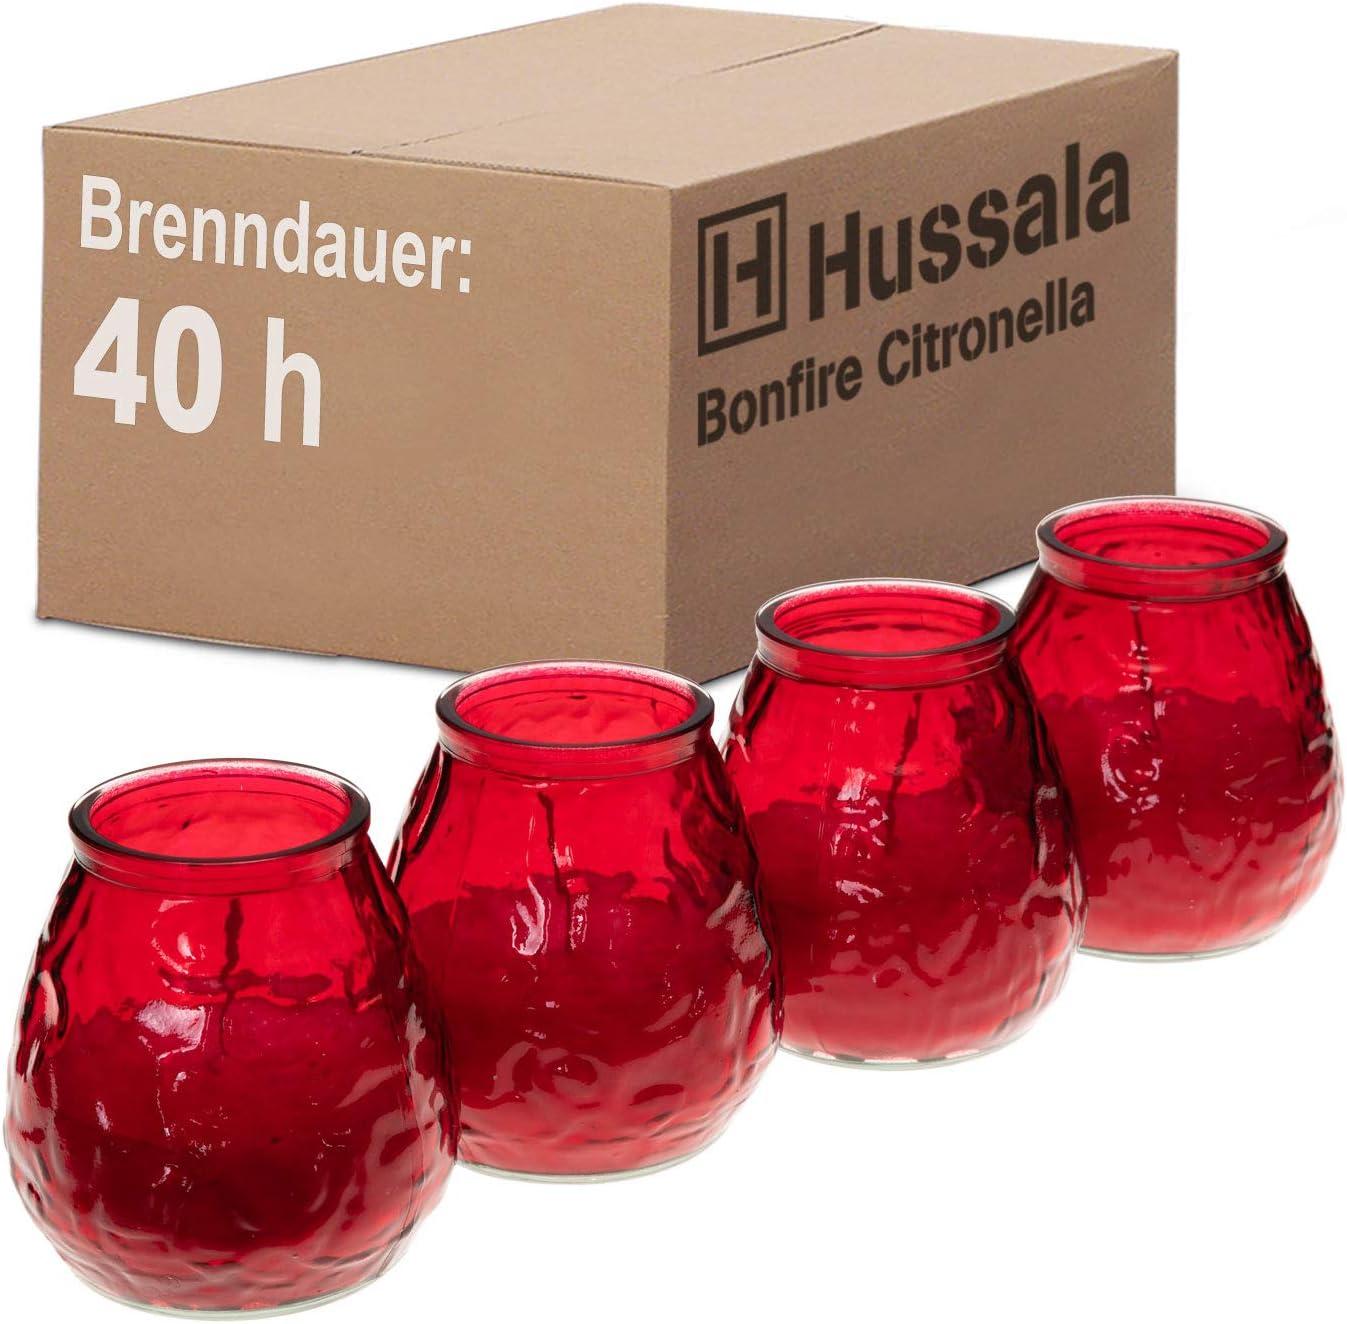 Outdoor /& Indoor-Kerze Brennzeit 40 h 4 St/ück gr/ün Hussala Bonfire Citronella Duft Kerzen mit Windlicht-Glas